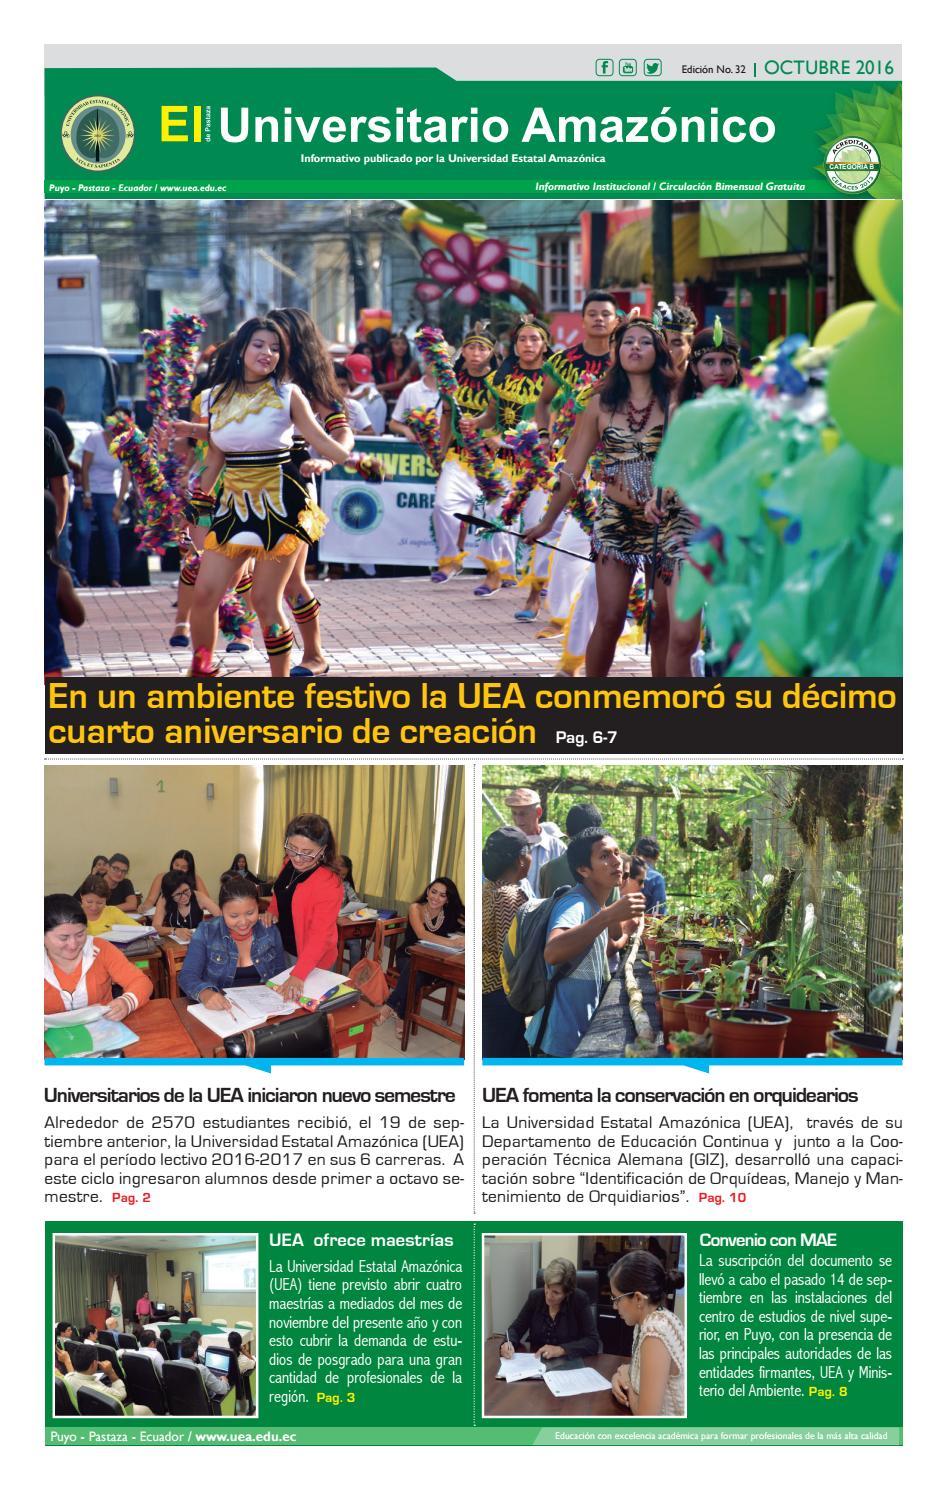 Universitario Amazónico octubre 2016 by UNIVERSIDAD ESTATAL ...